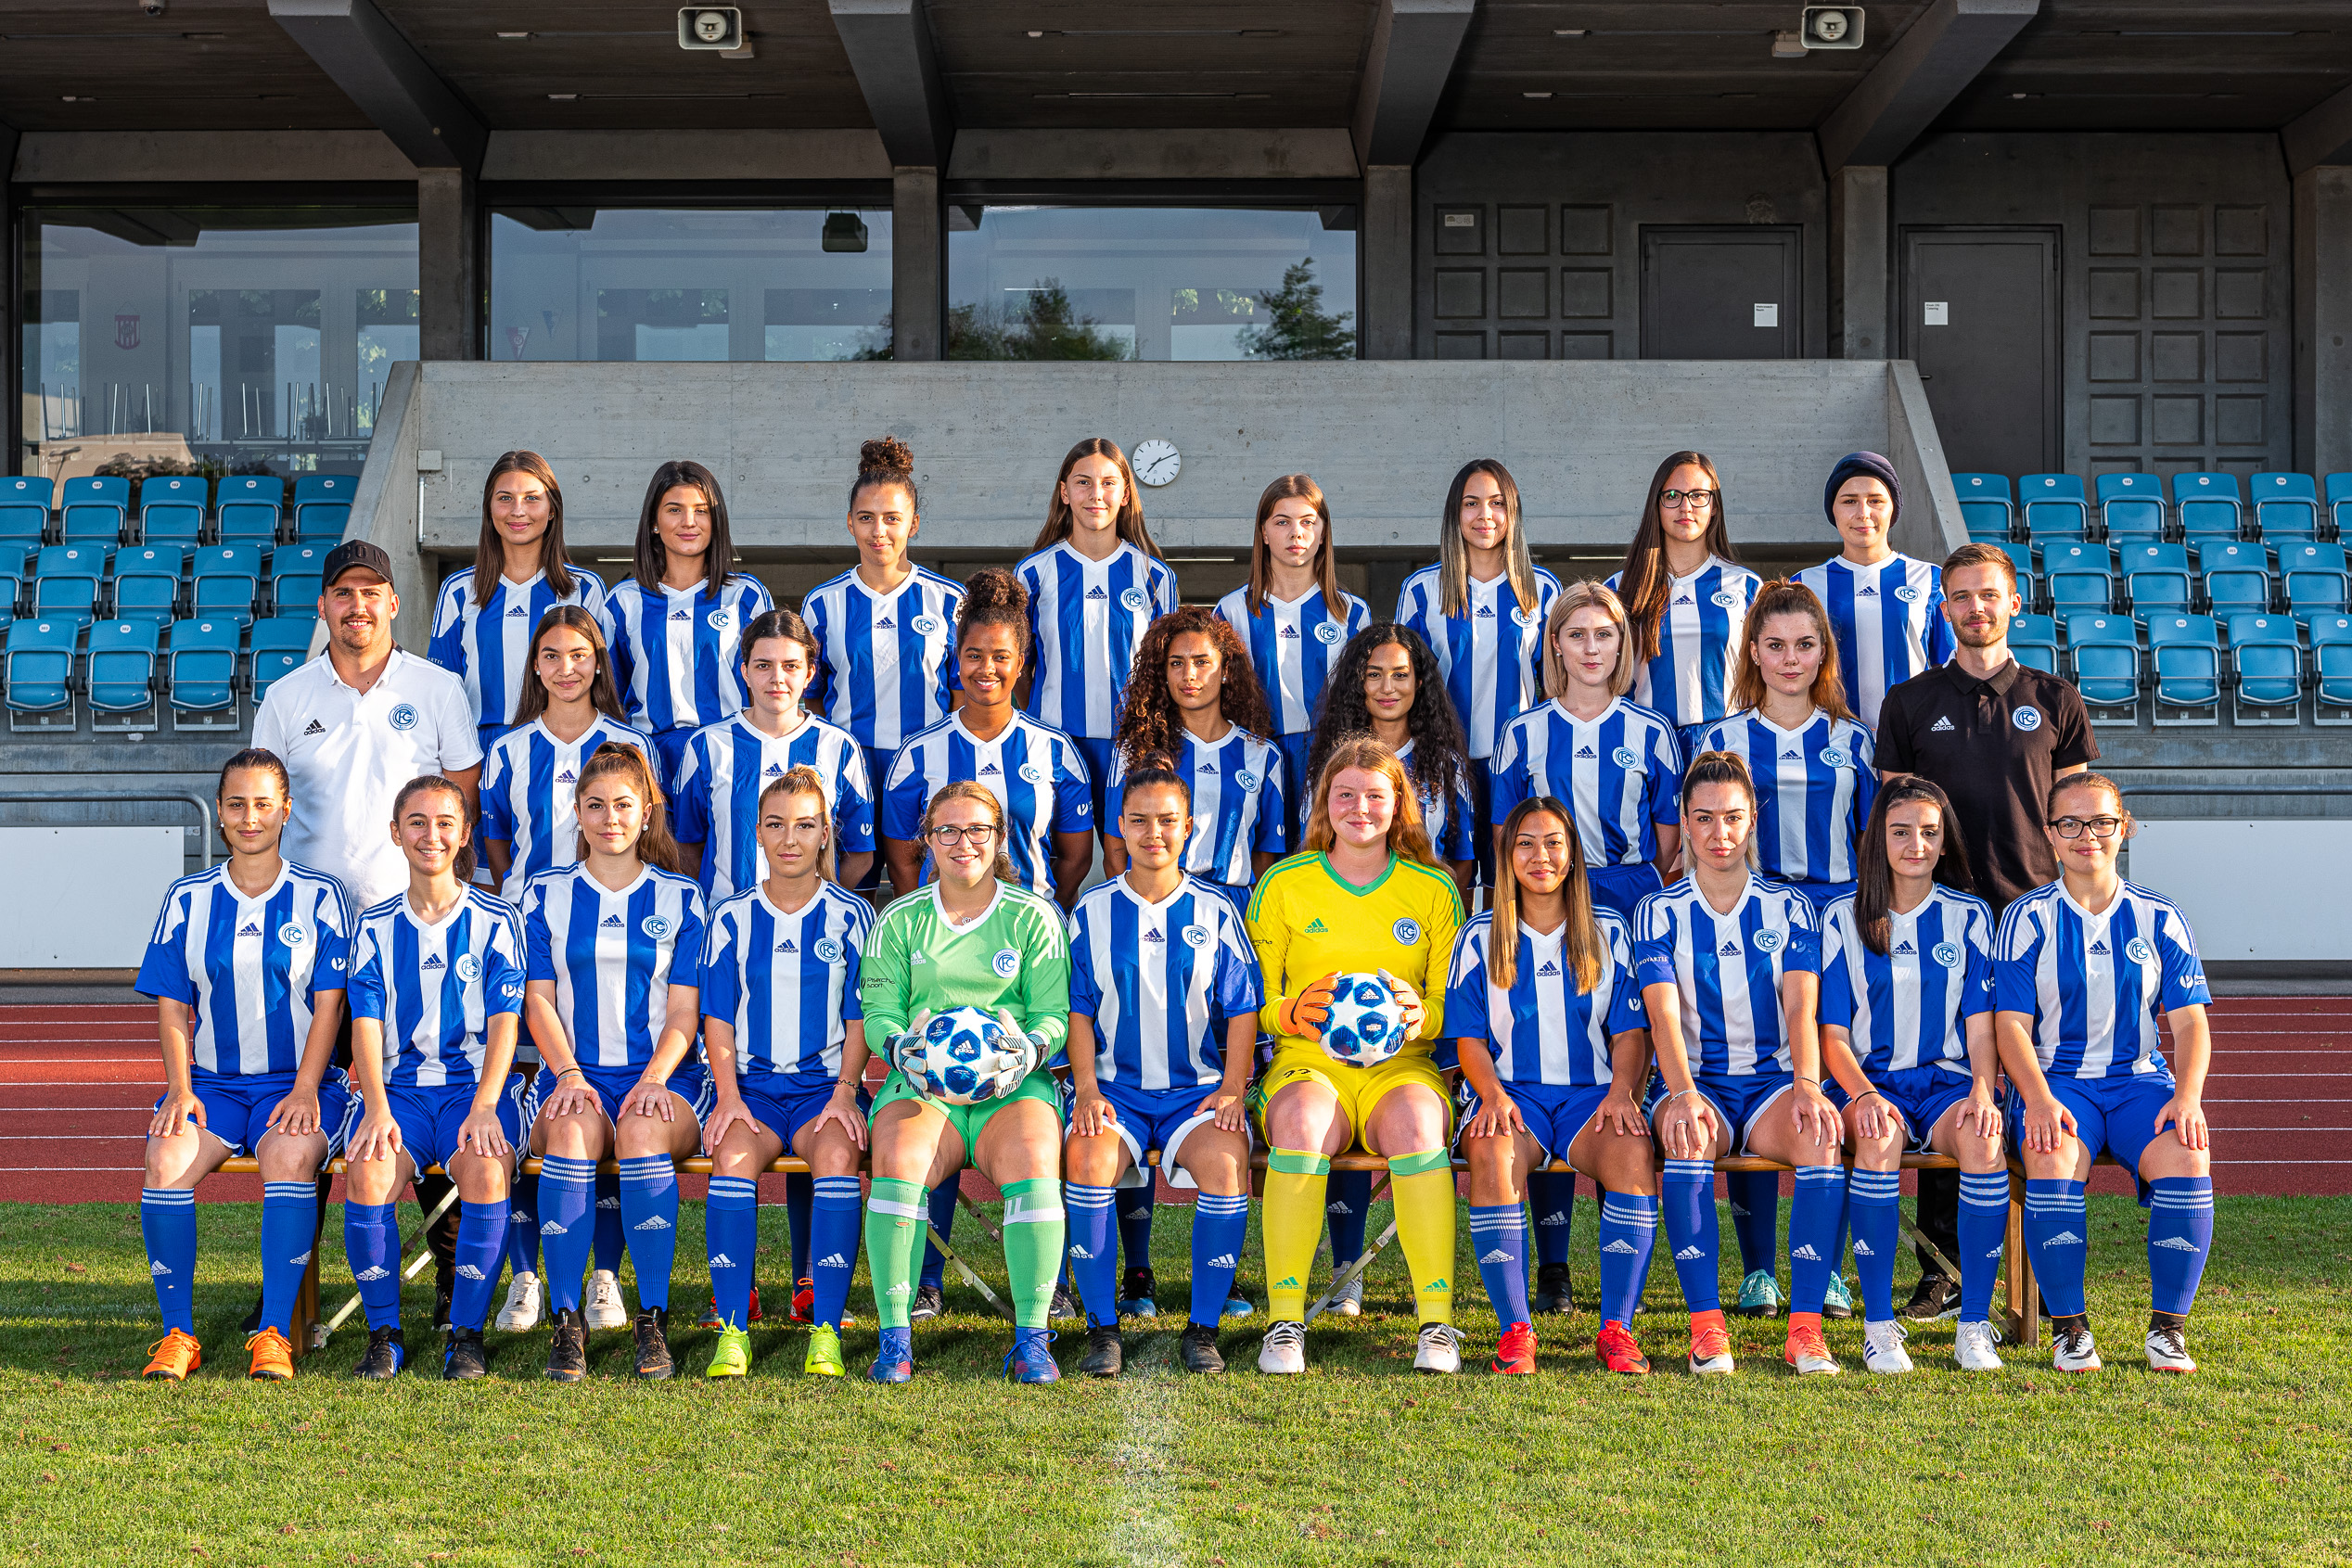 Cavaleri-Flavio-Fotografie-Congeli-2Damen-Team 2-Frauen-8907